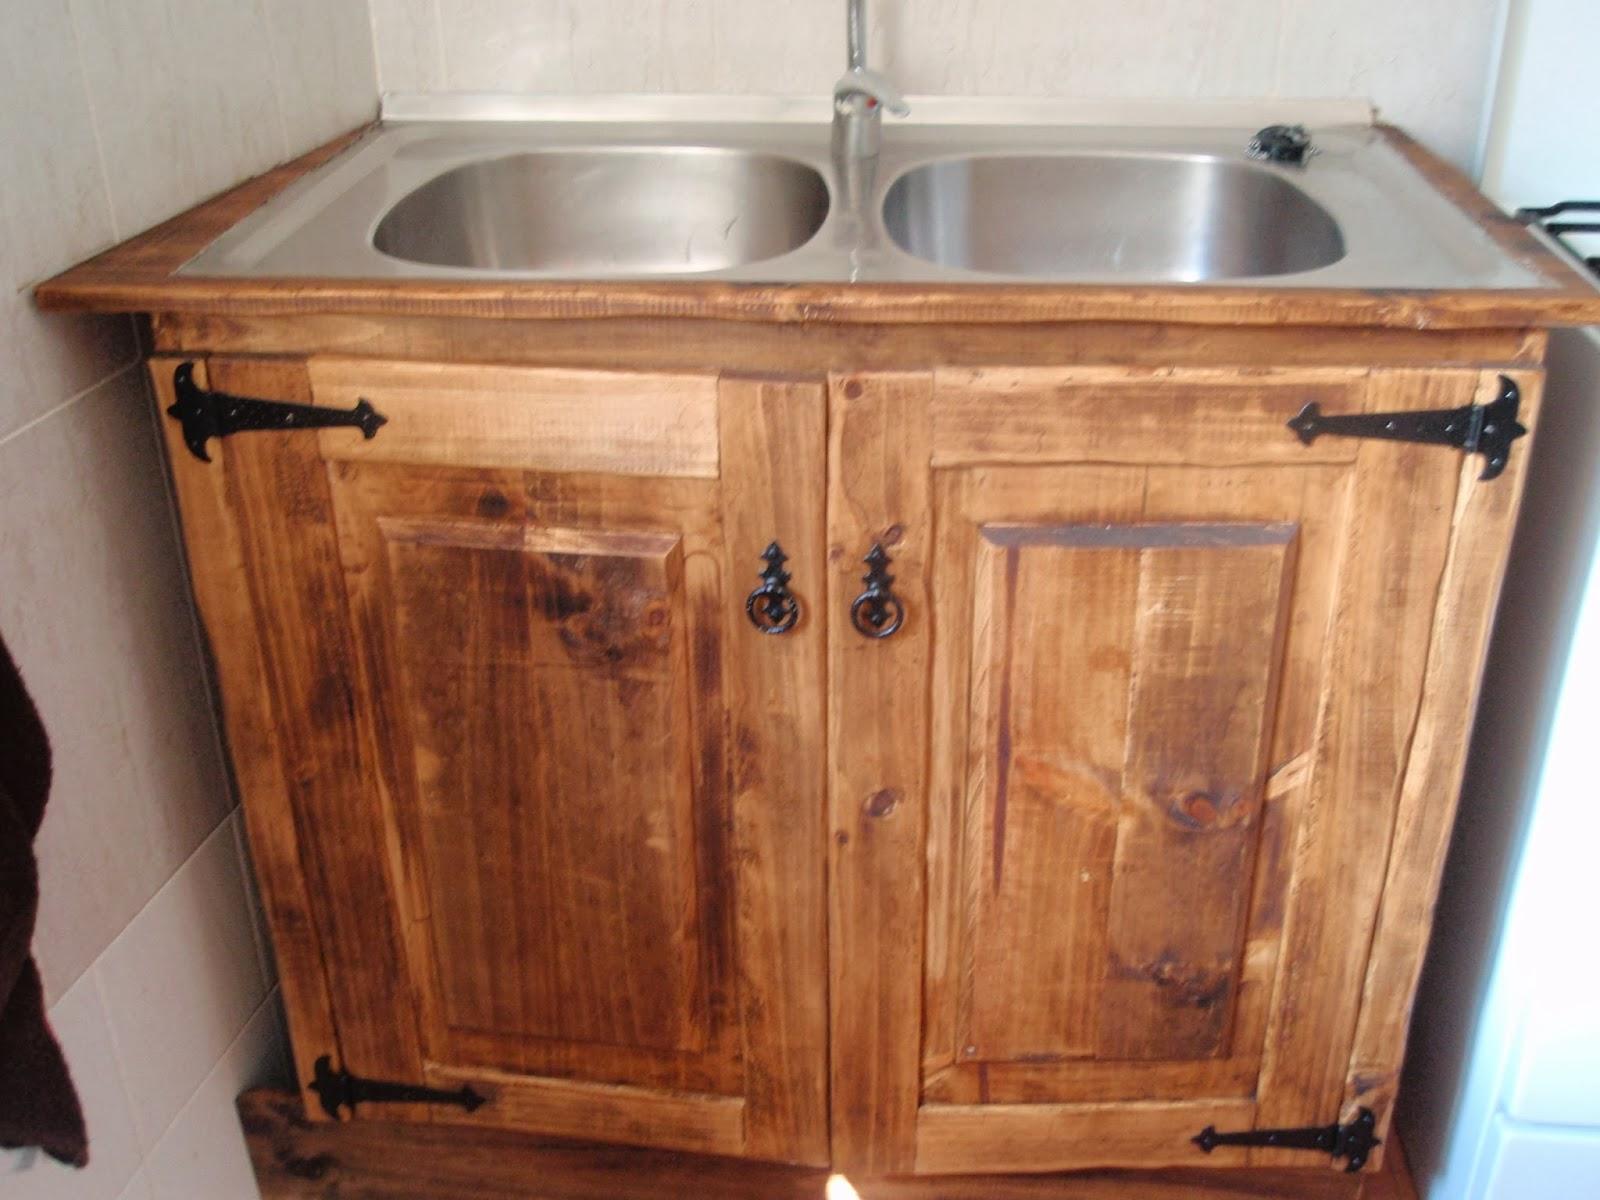 Trabajos r sticos mueble fregadero r stico for El mueble rustico